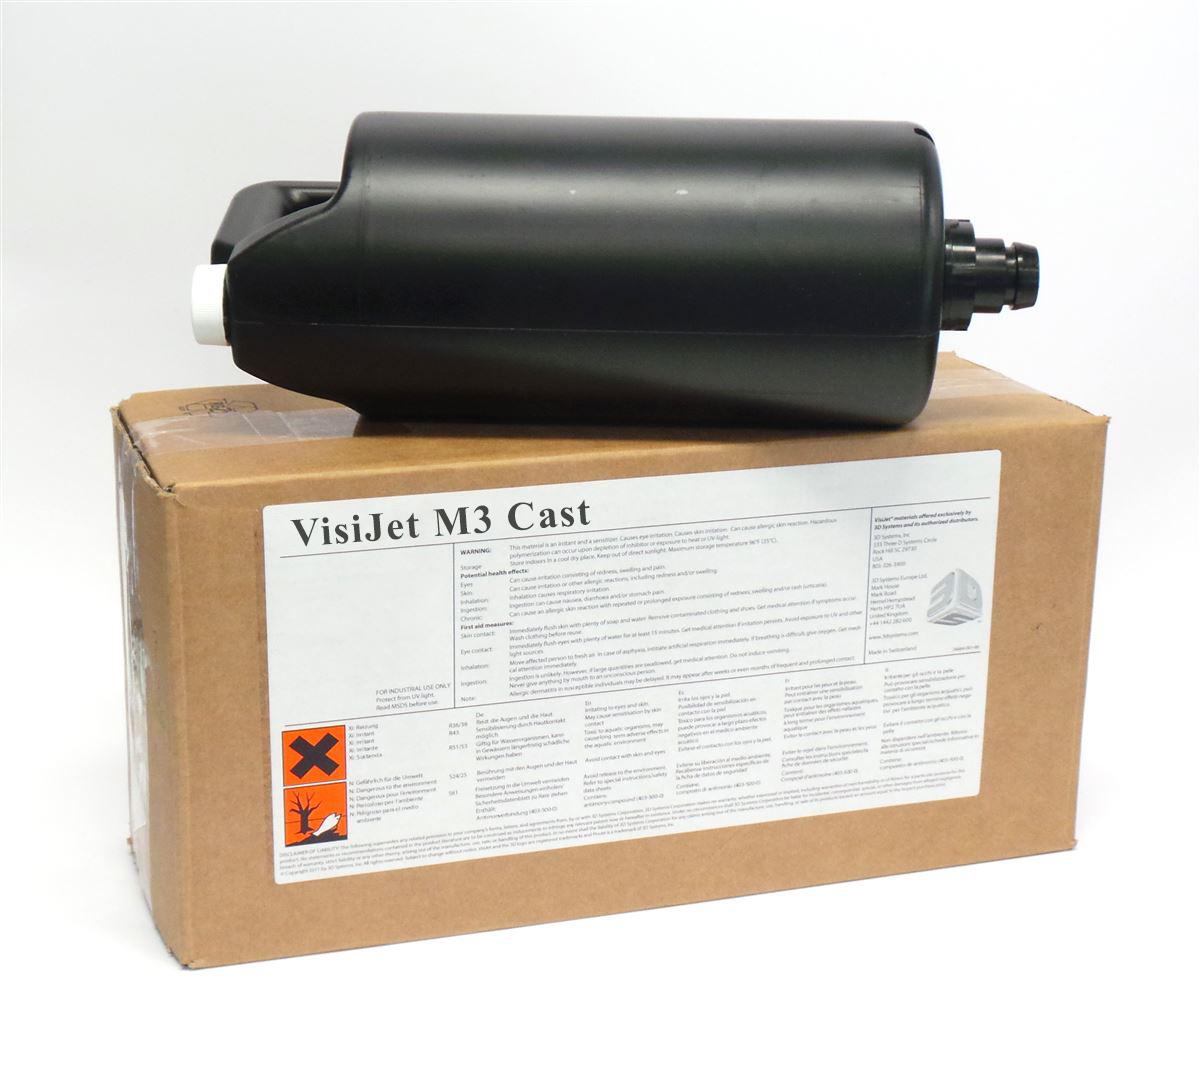 Visijet M3 Cast MJP3600W Build